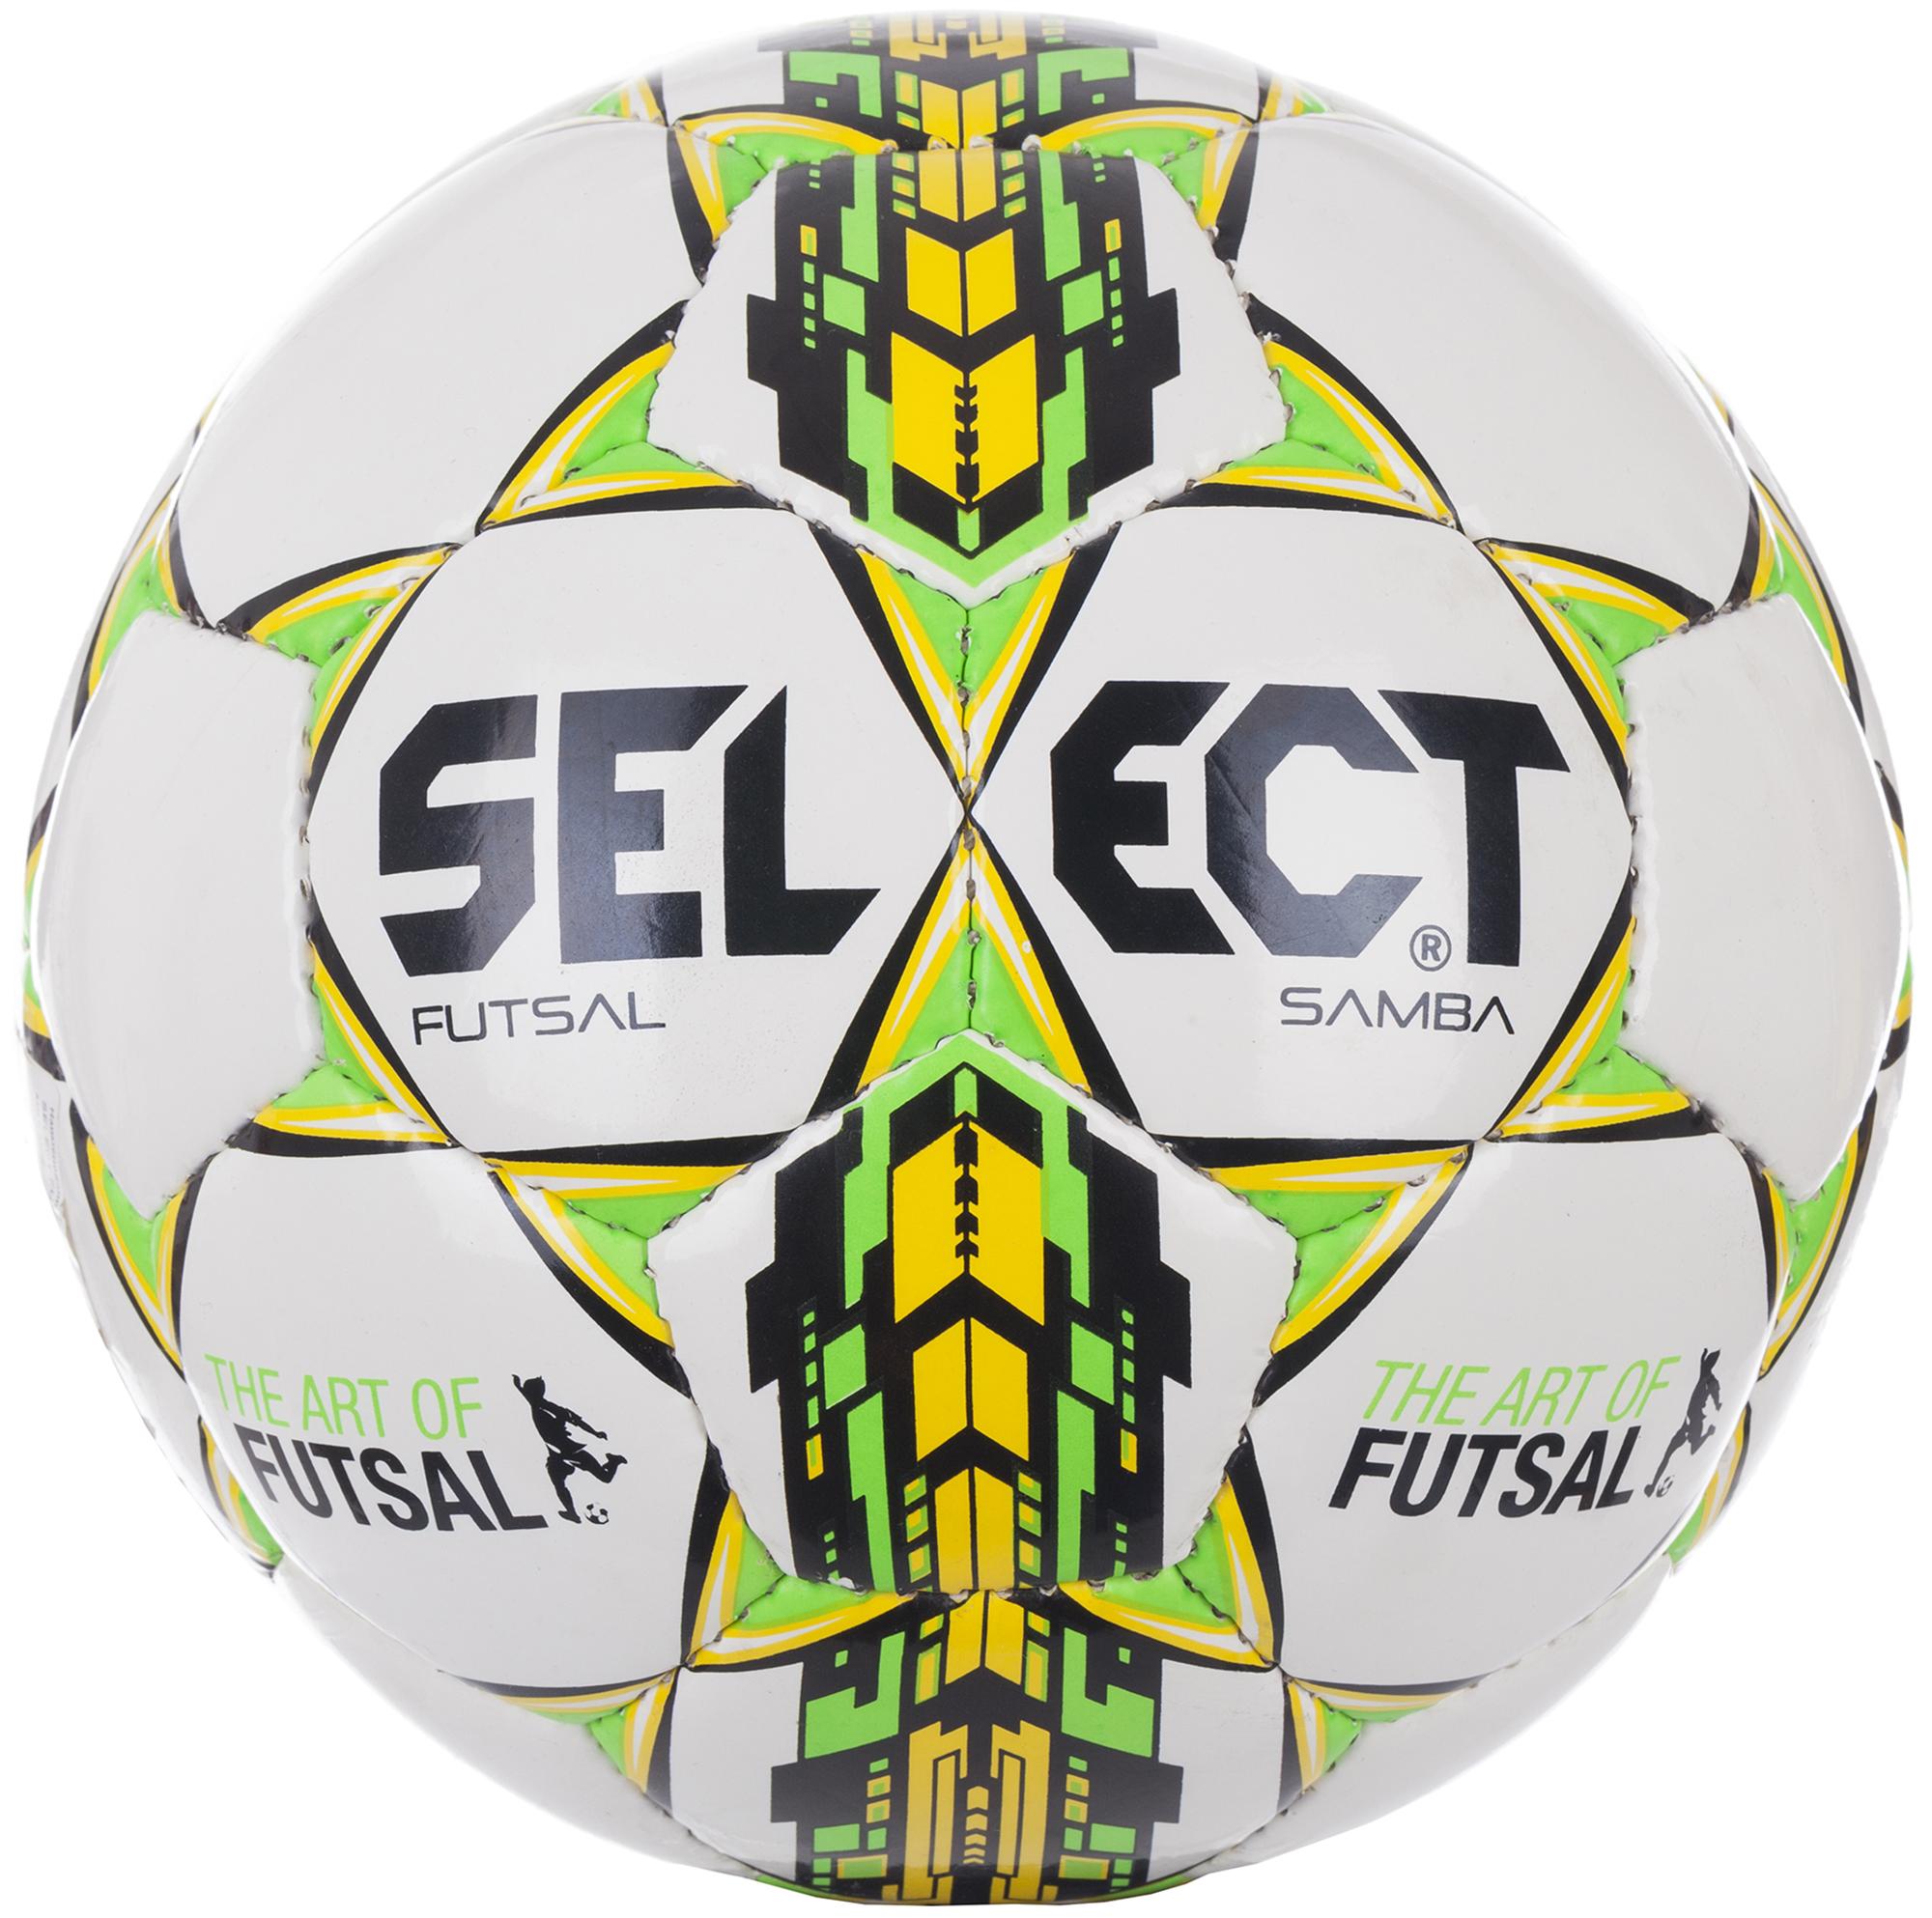 Select Мяч футбольный Select Futsal Samba цена